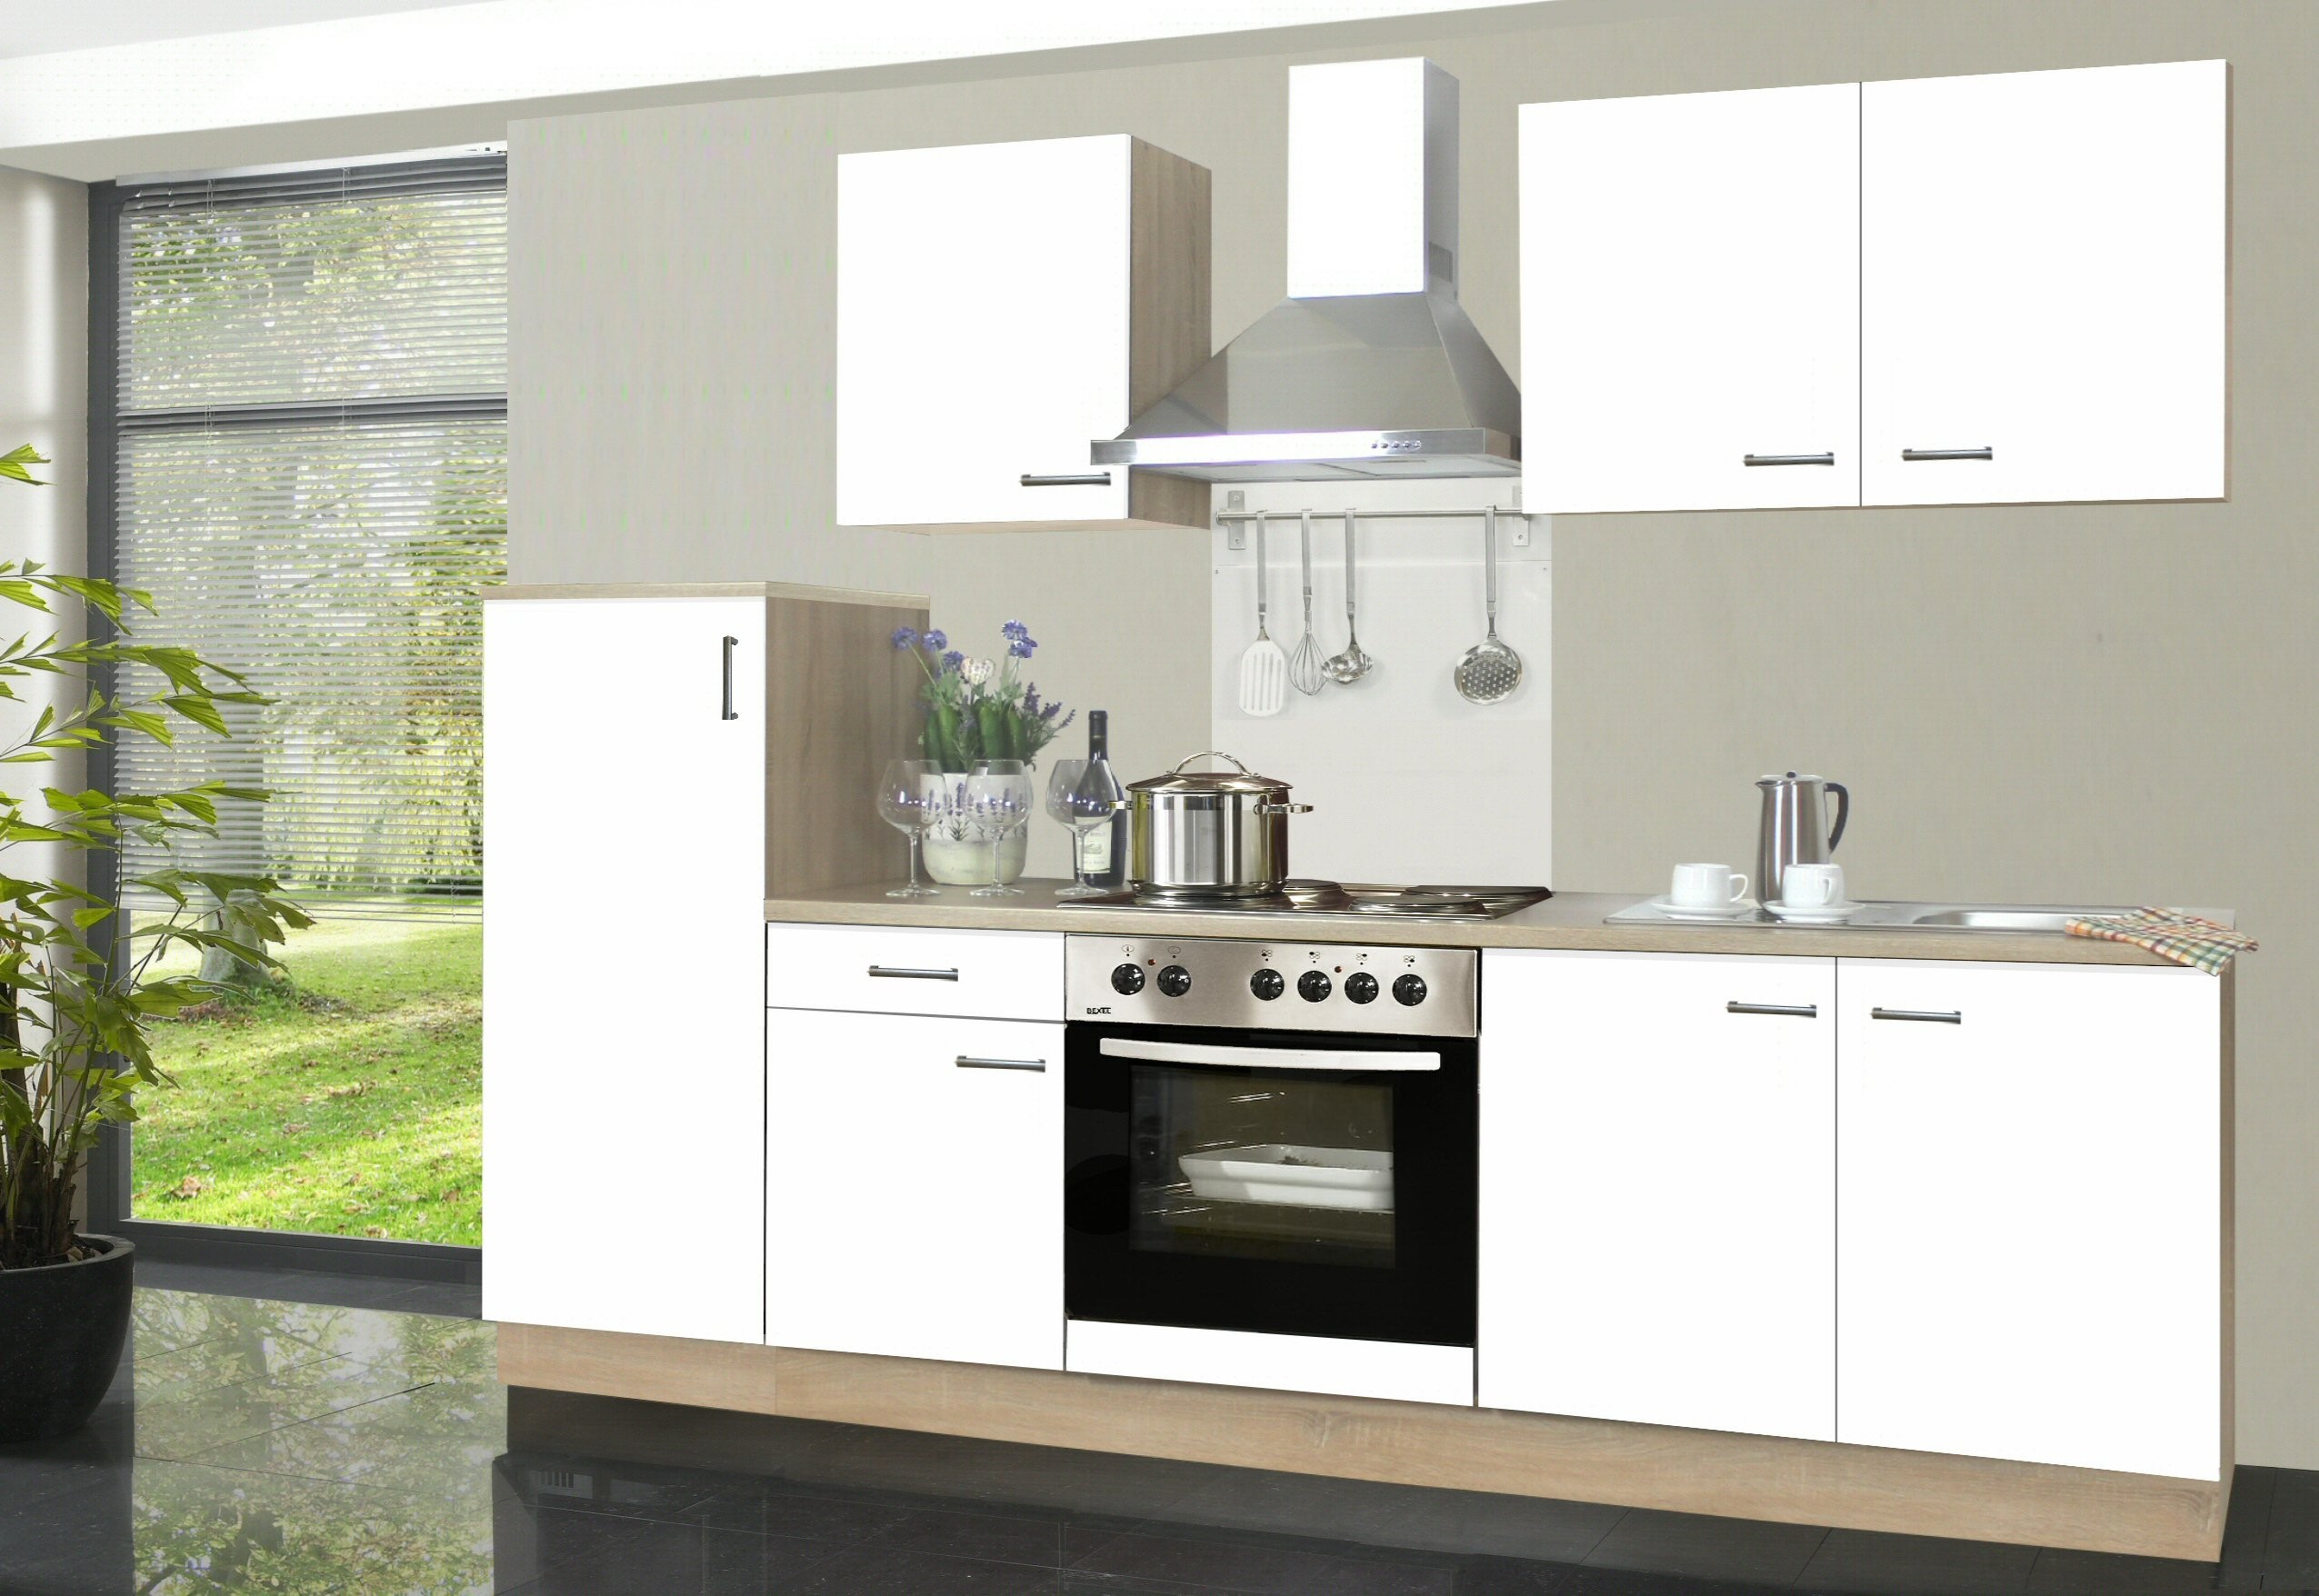 Full Size of Küchen Roller Kchenzeile Biggi Inkl Elektrogerte Und Real Regal Regale Wohnzimmer Küchen Roller